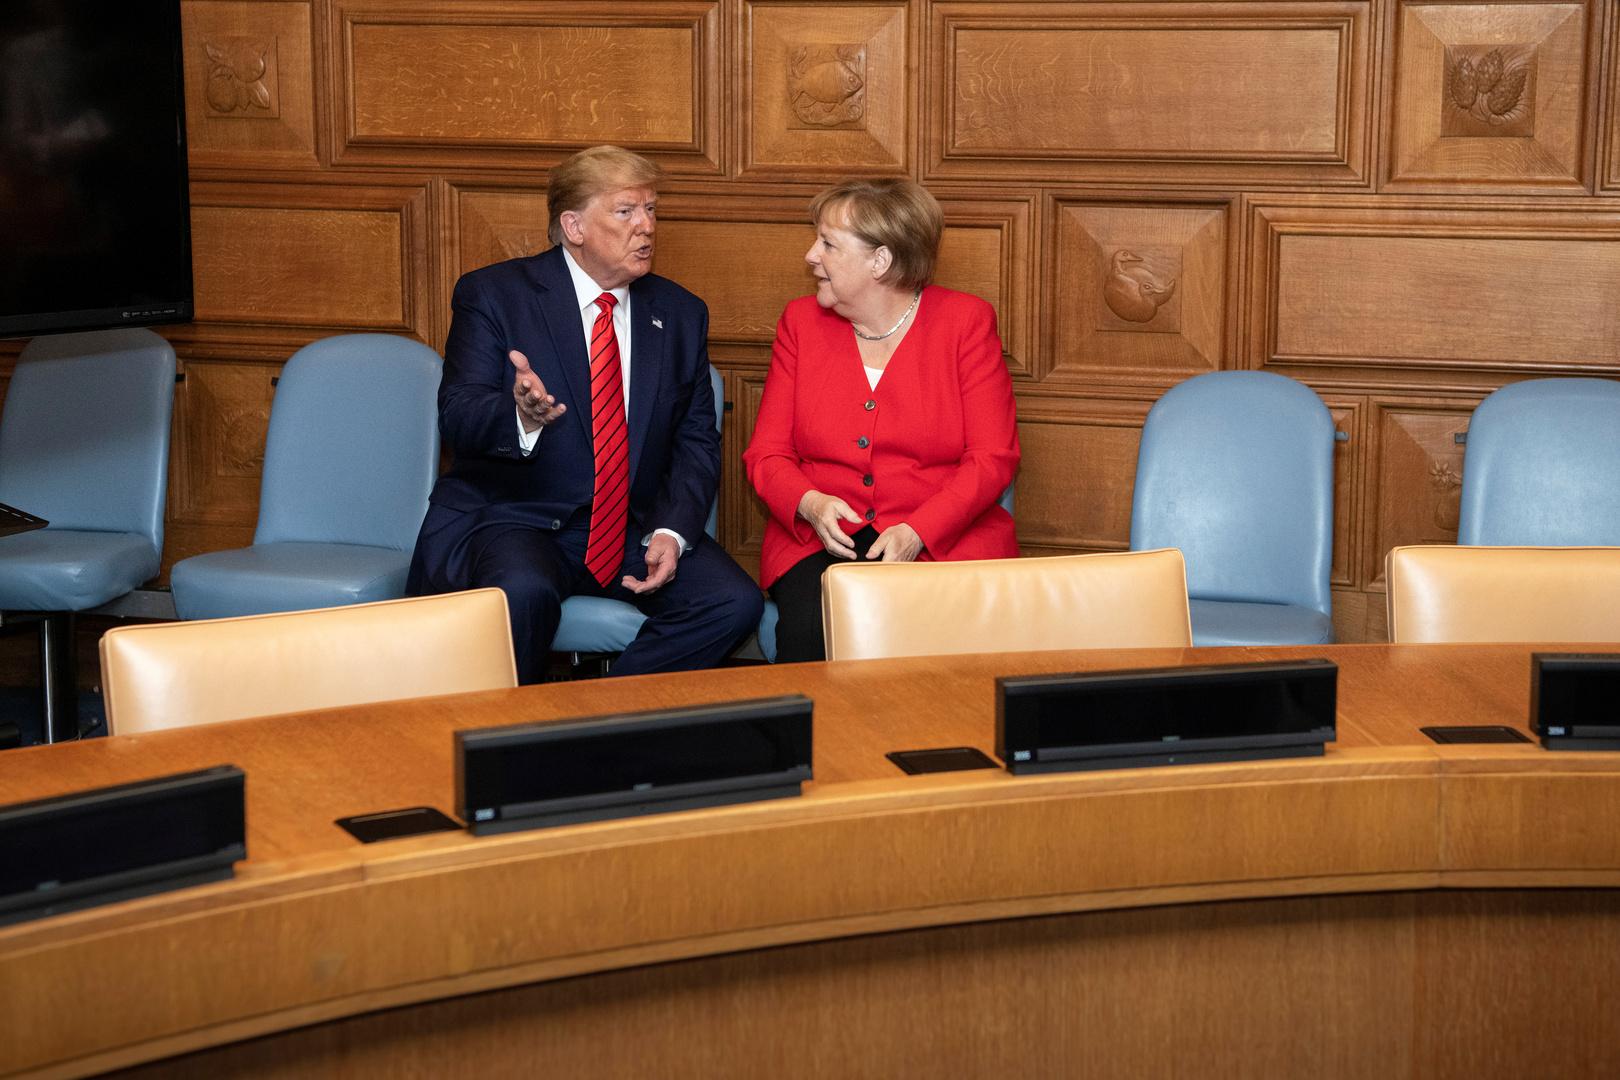 ترامب وميركل يبحثان الأمن في الشرق الأوسط والأزمة الليبية